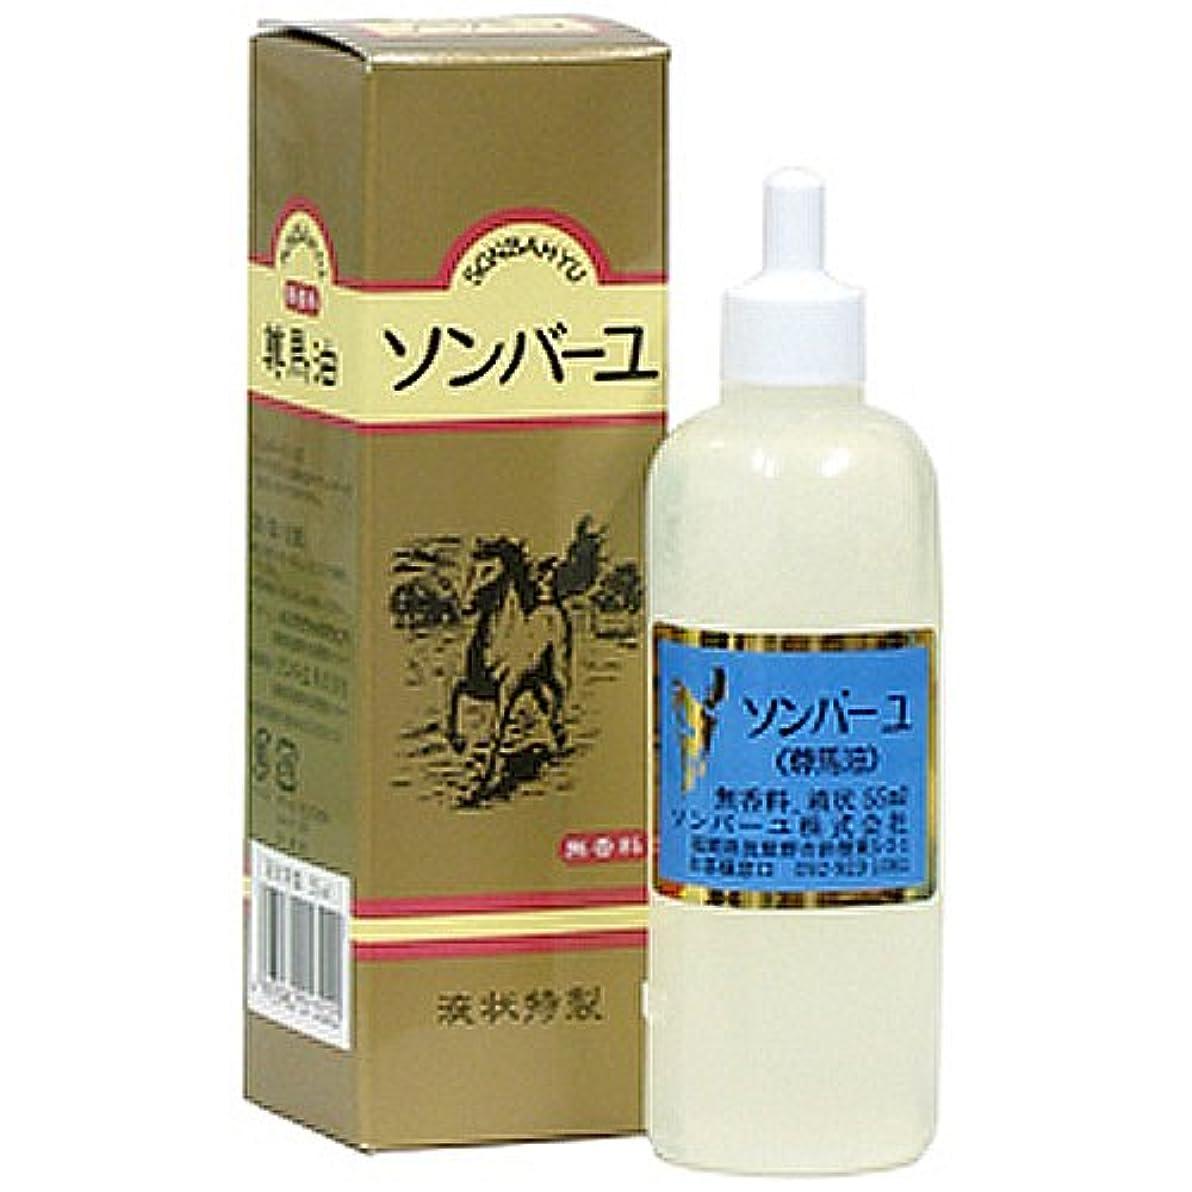 シンク染色褒賞ソンバーユ・液状特製55cc 馬油 馬の油